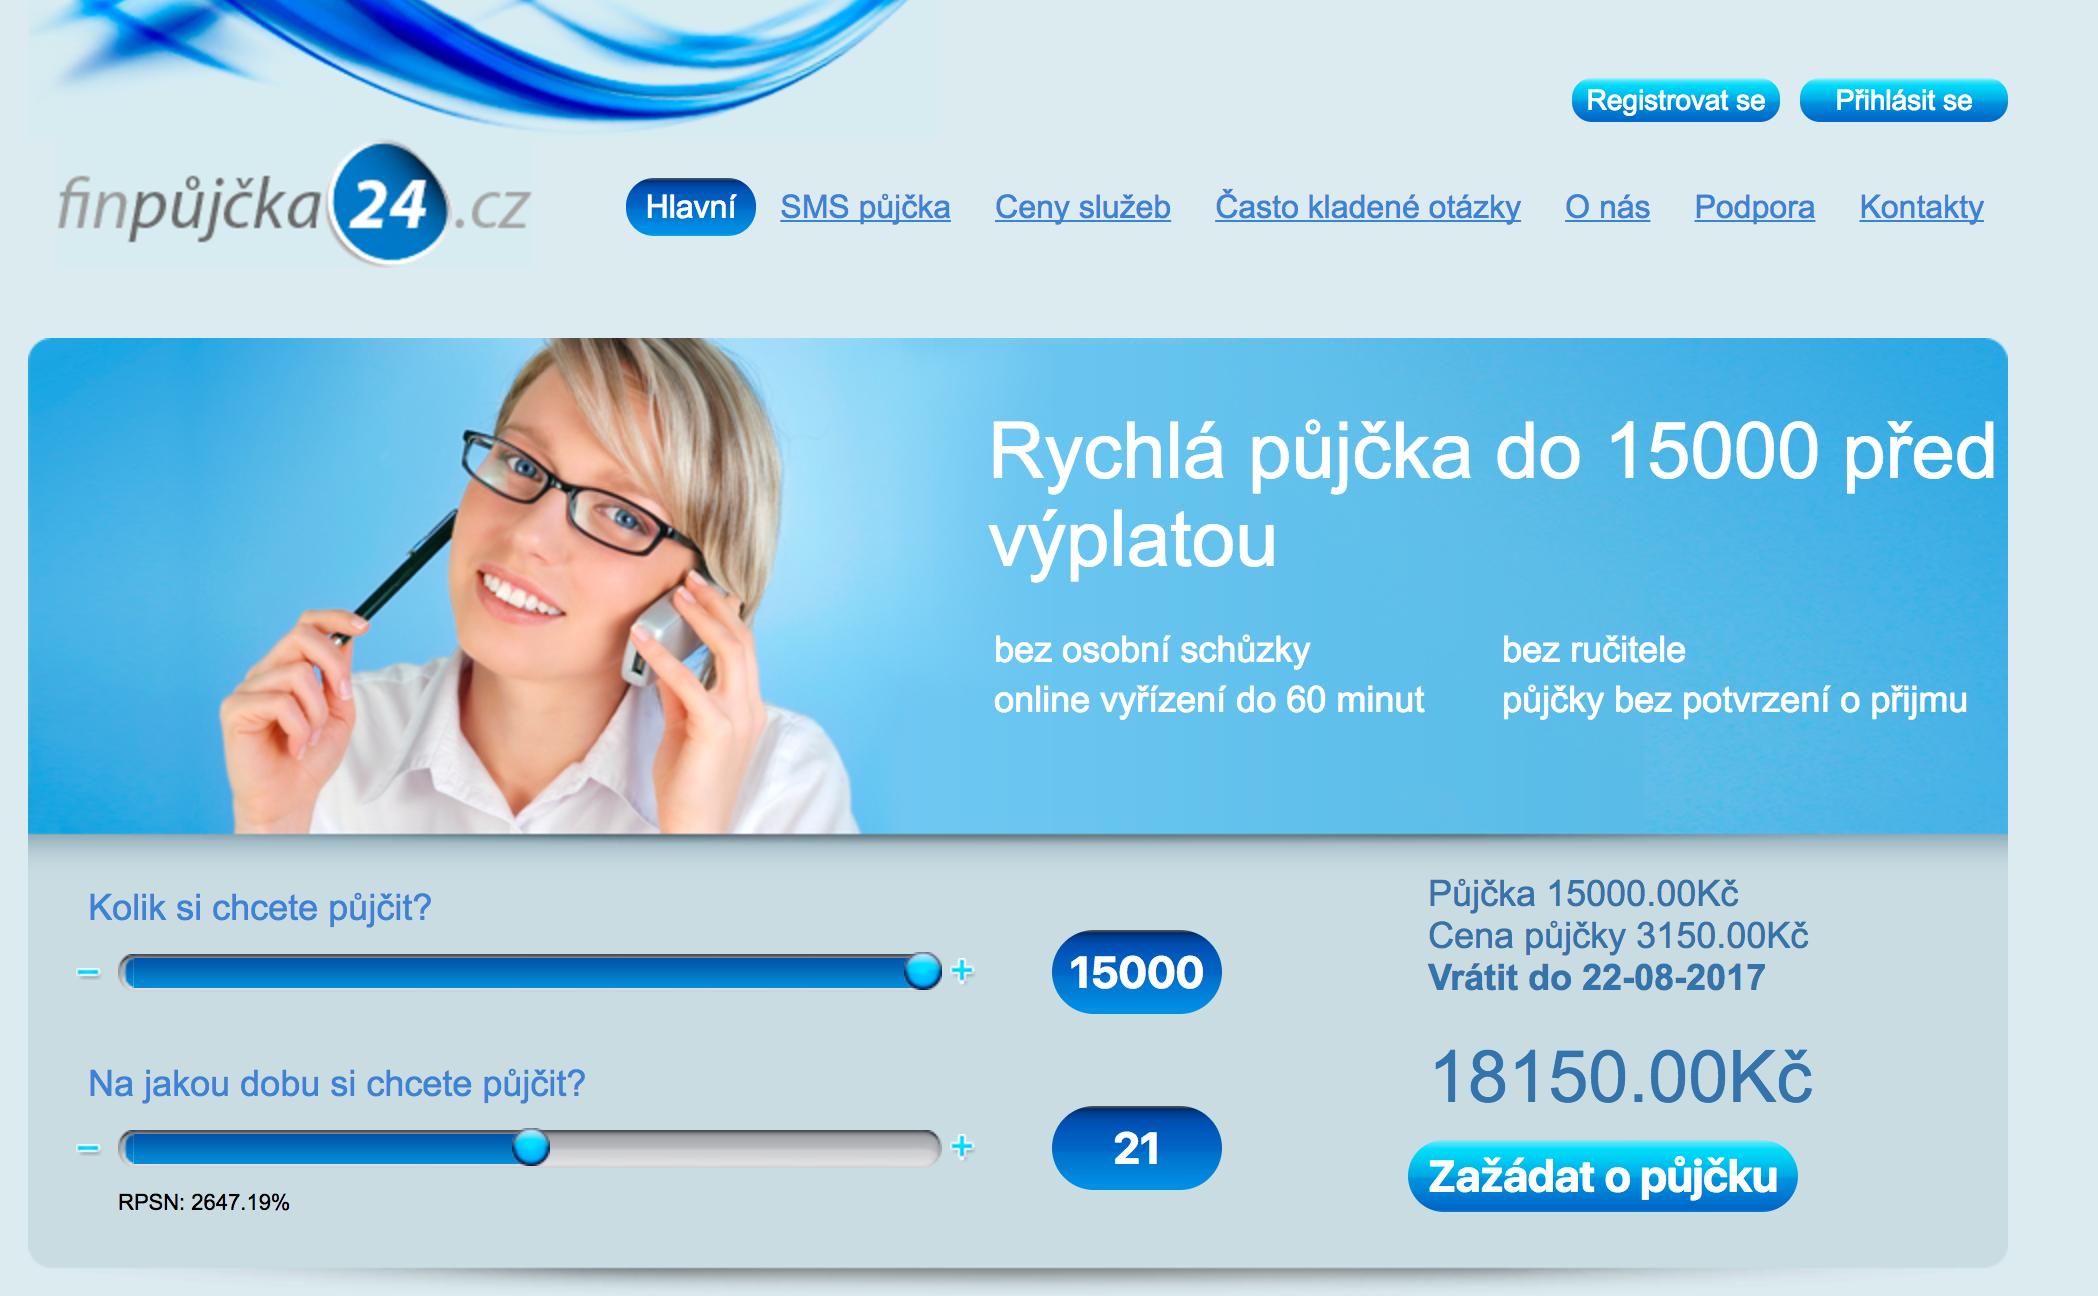 Nebankovní půjčka 1500 00